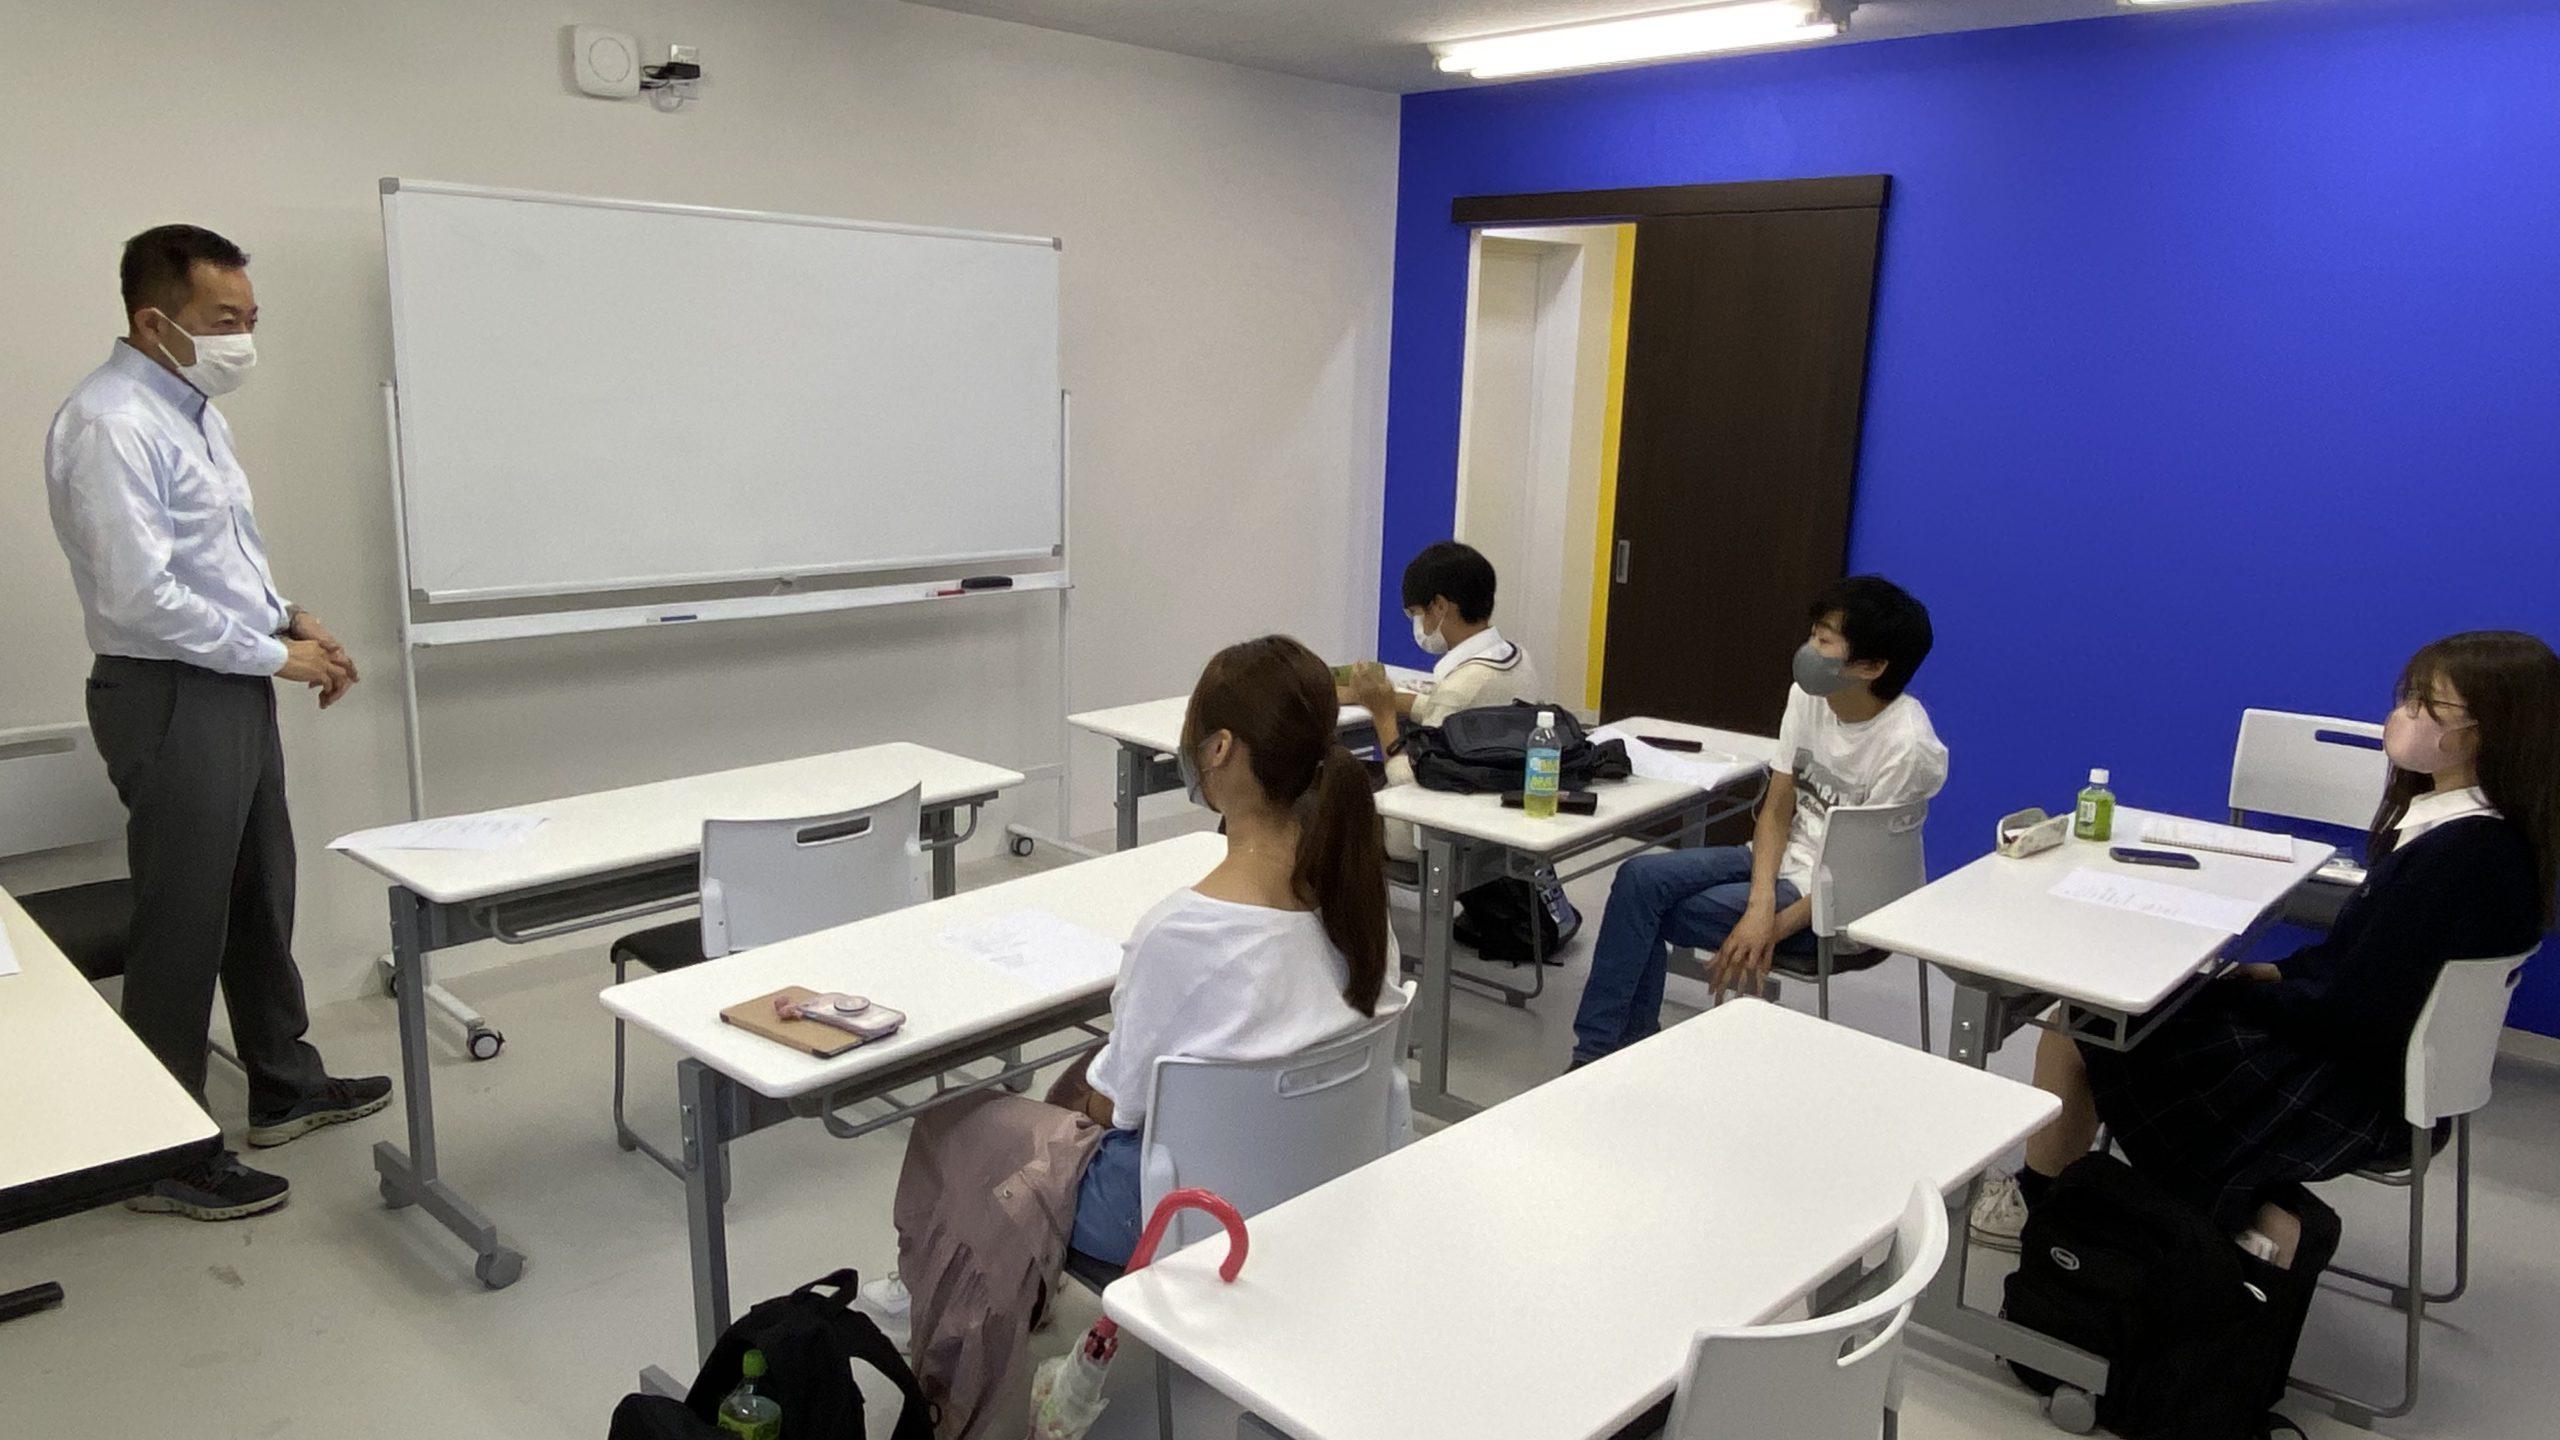 校長先生による【Integrated Learning】の授業! | 代々木グローバル高等学院[公式]